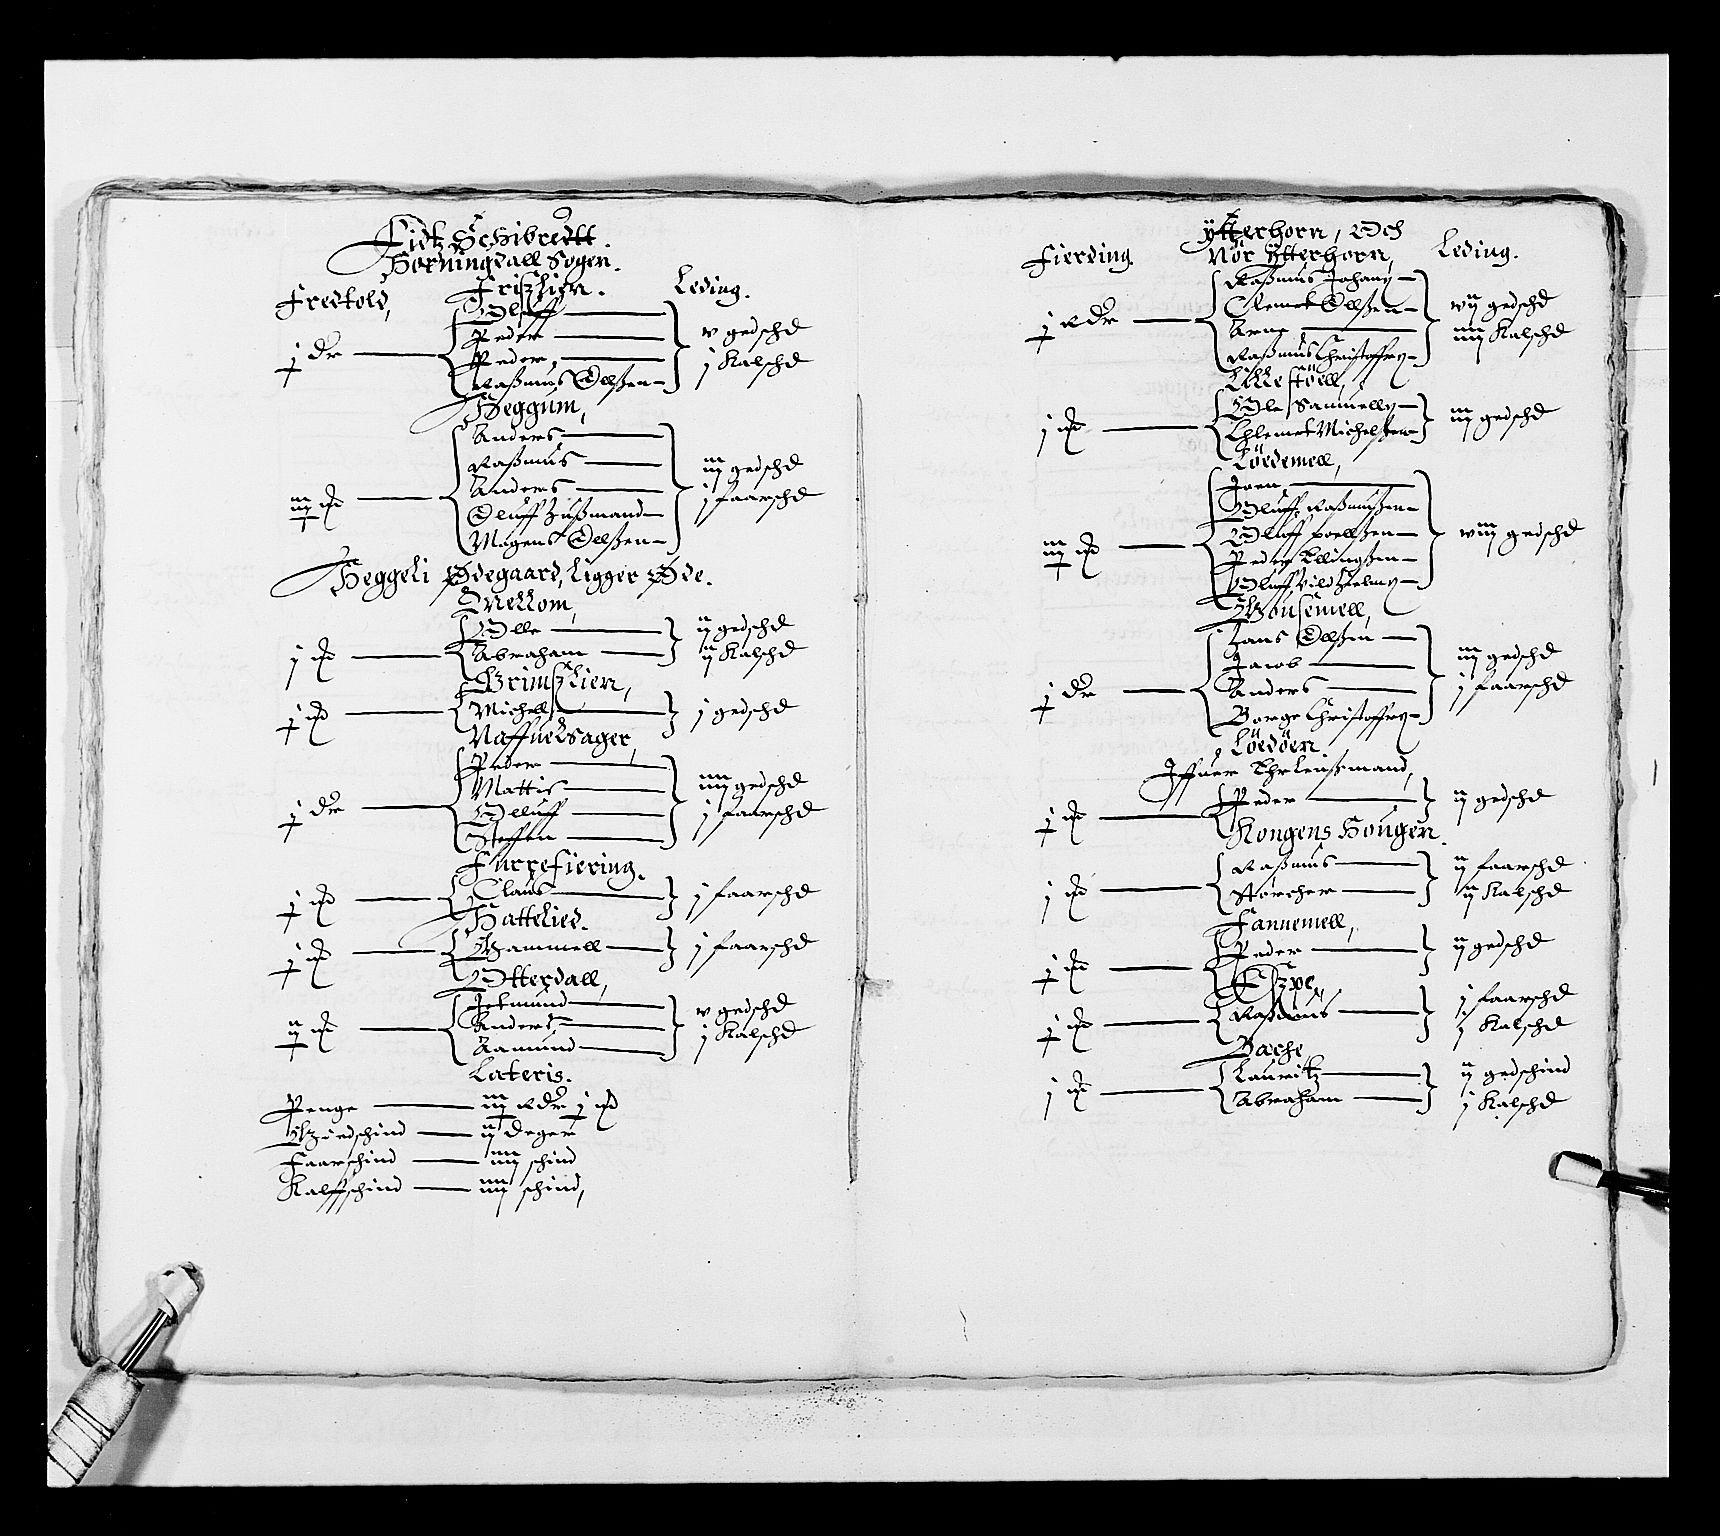 RA, Stattholderembetet 1572-1771, Ek/L0025: Jordebøker 1633-1658:, 1645-1646, s. 212